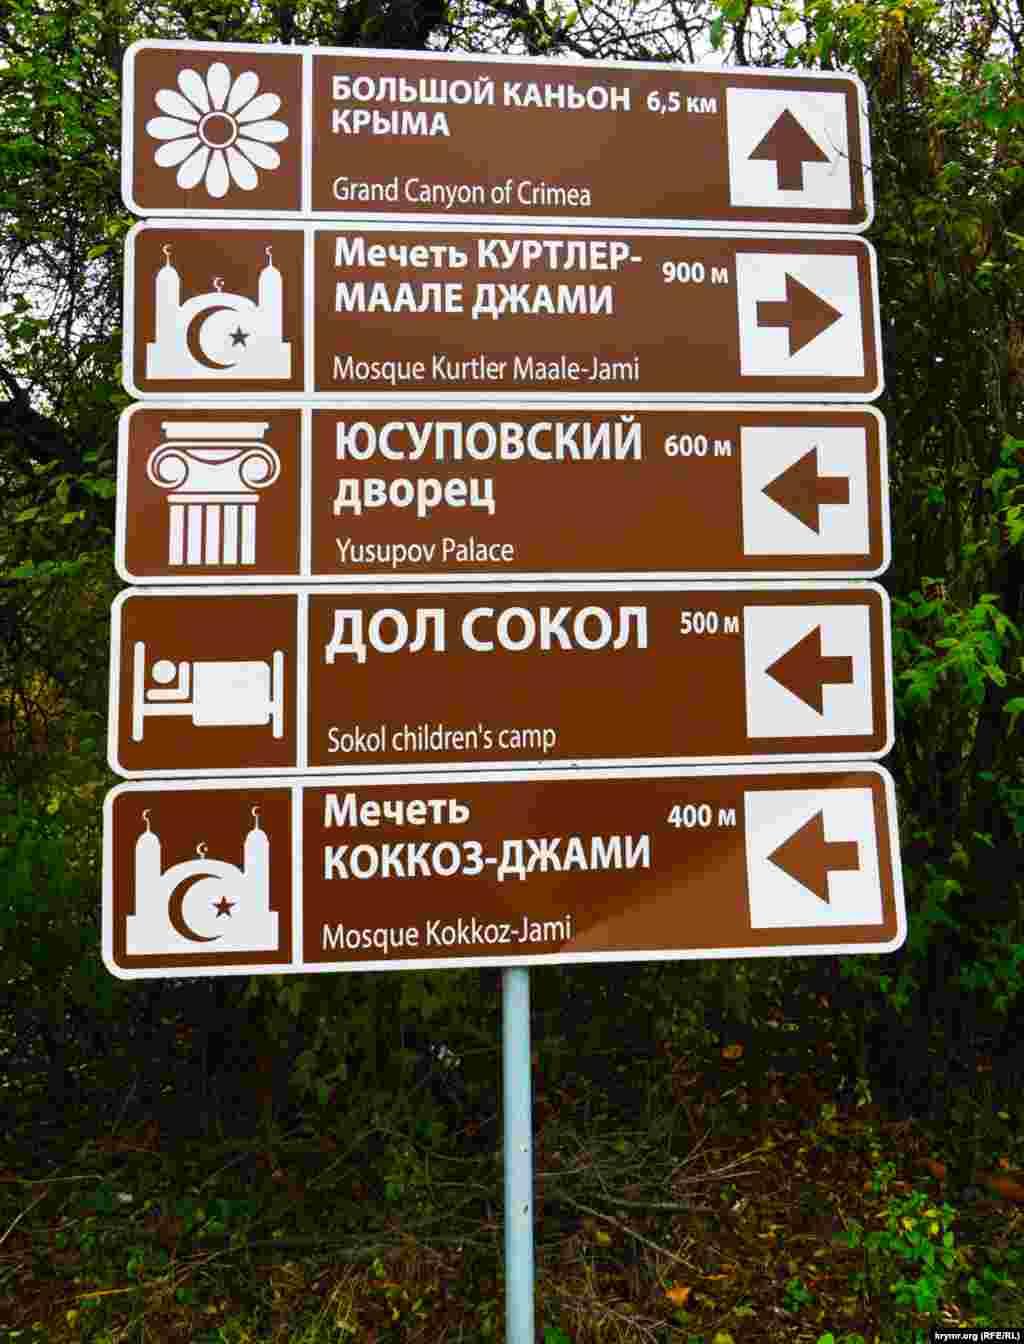 З Соколиного дороги і лісові туристичні стежки ведуть на Ай-Петрі, до Великого каньйону, водоспаду «Срібні струмені» (що частково обвалився минулої зими) та інших визначних пам'яток заповідного гірського Криму